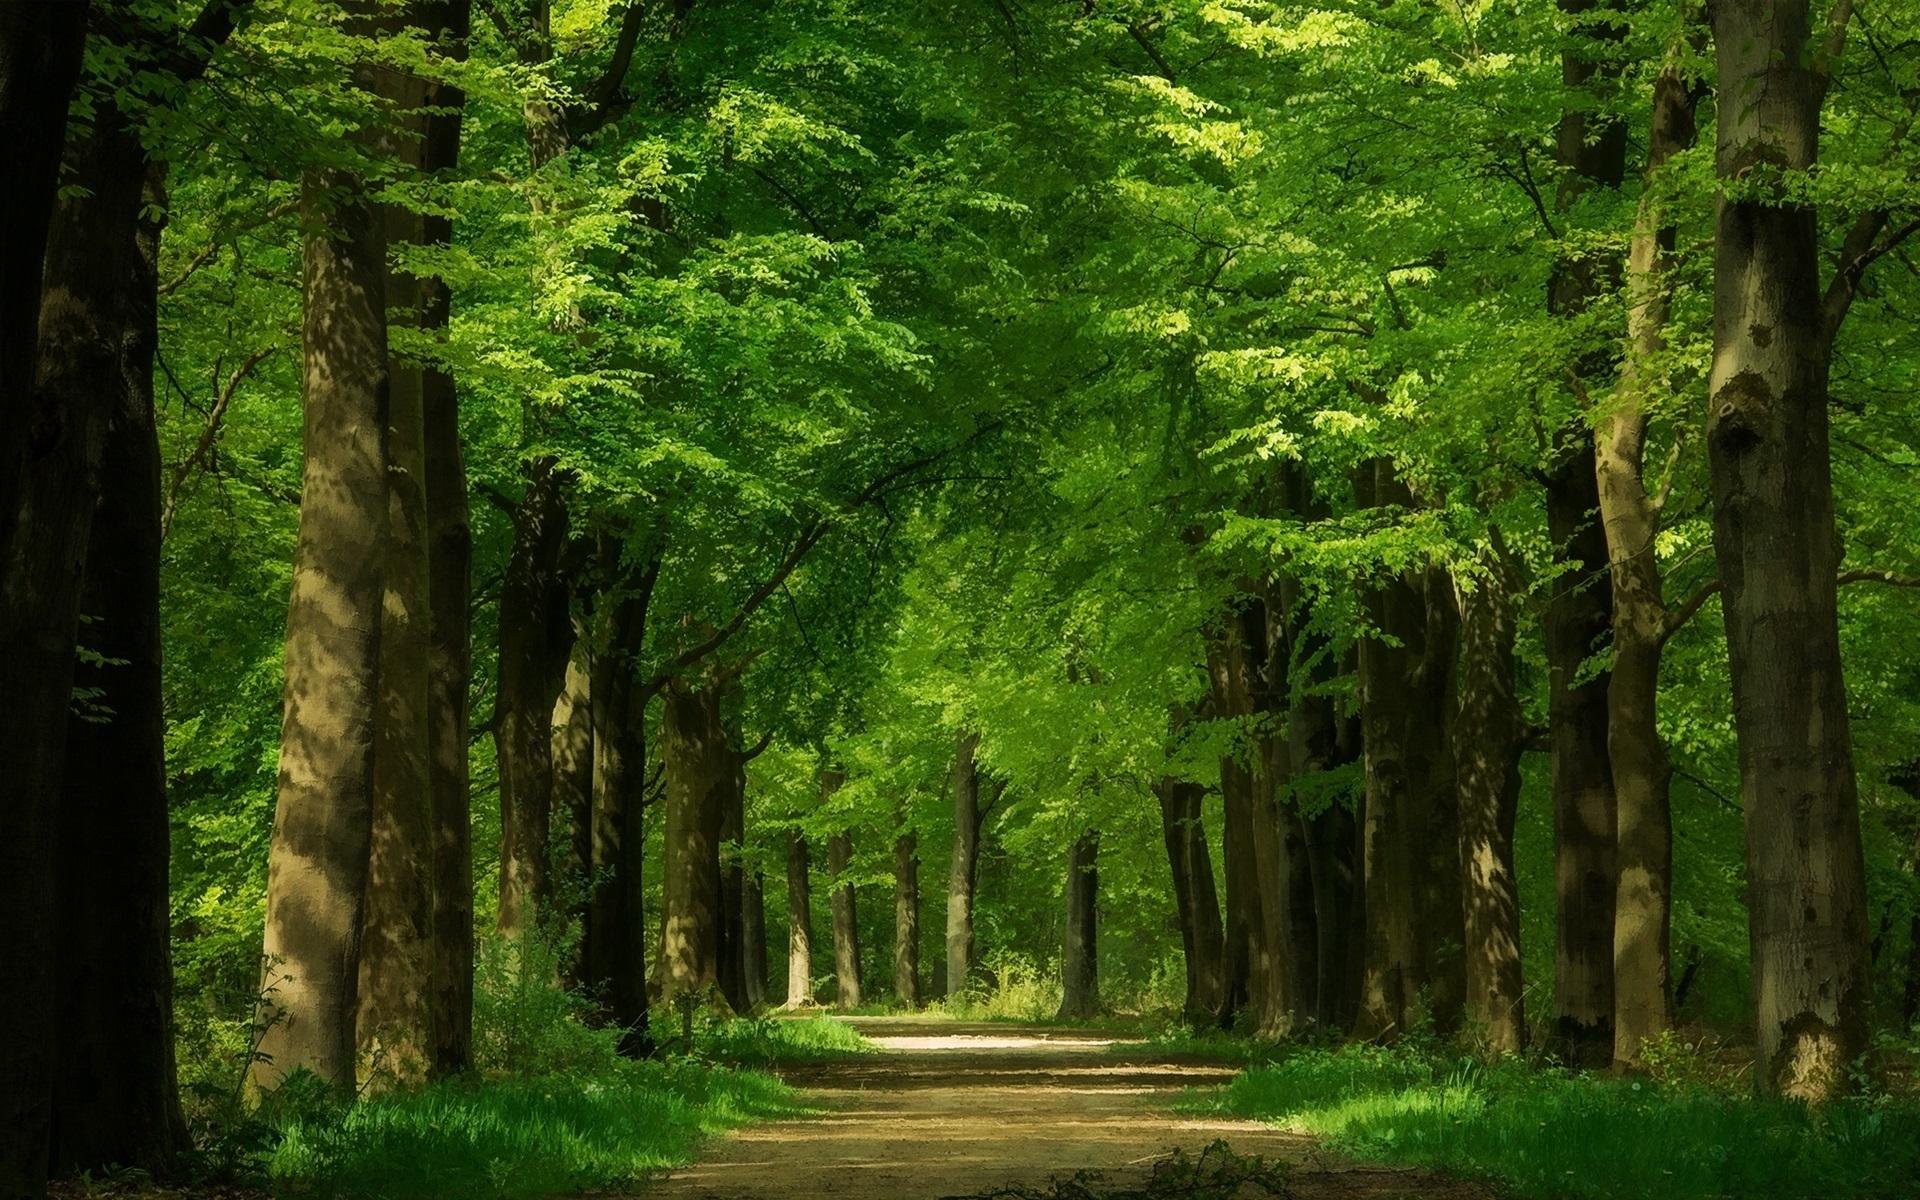 Verde Full Hd Fondo De Pantalla And Fondo De Escritorio: Fondos De Pantalla Bosque Verde, árboles, Camino